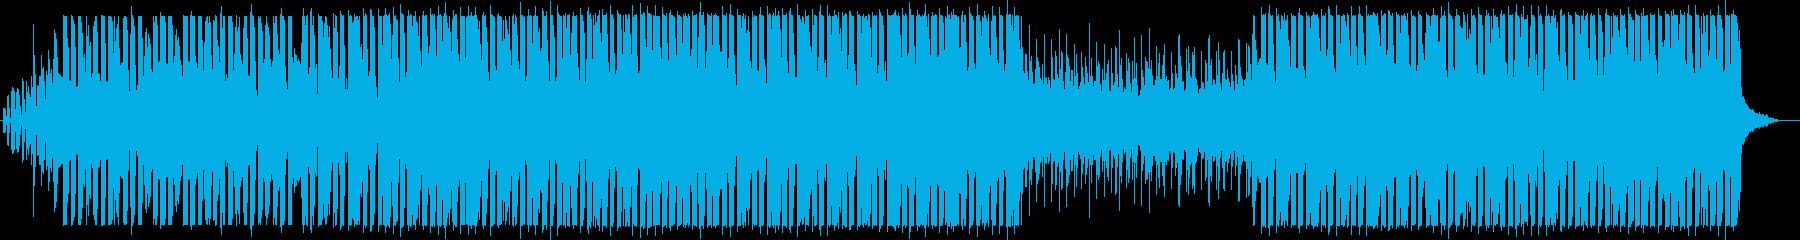 未来的なテクノエレクトロニカの再生済みの波形